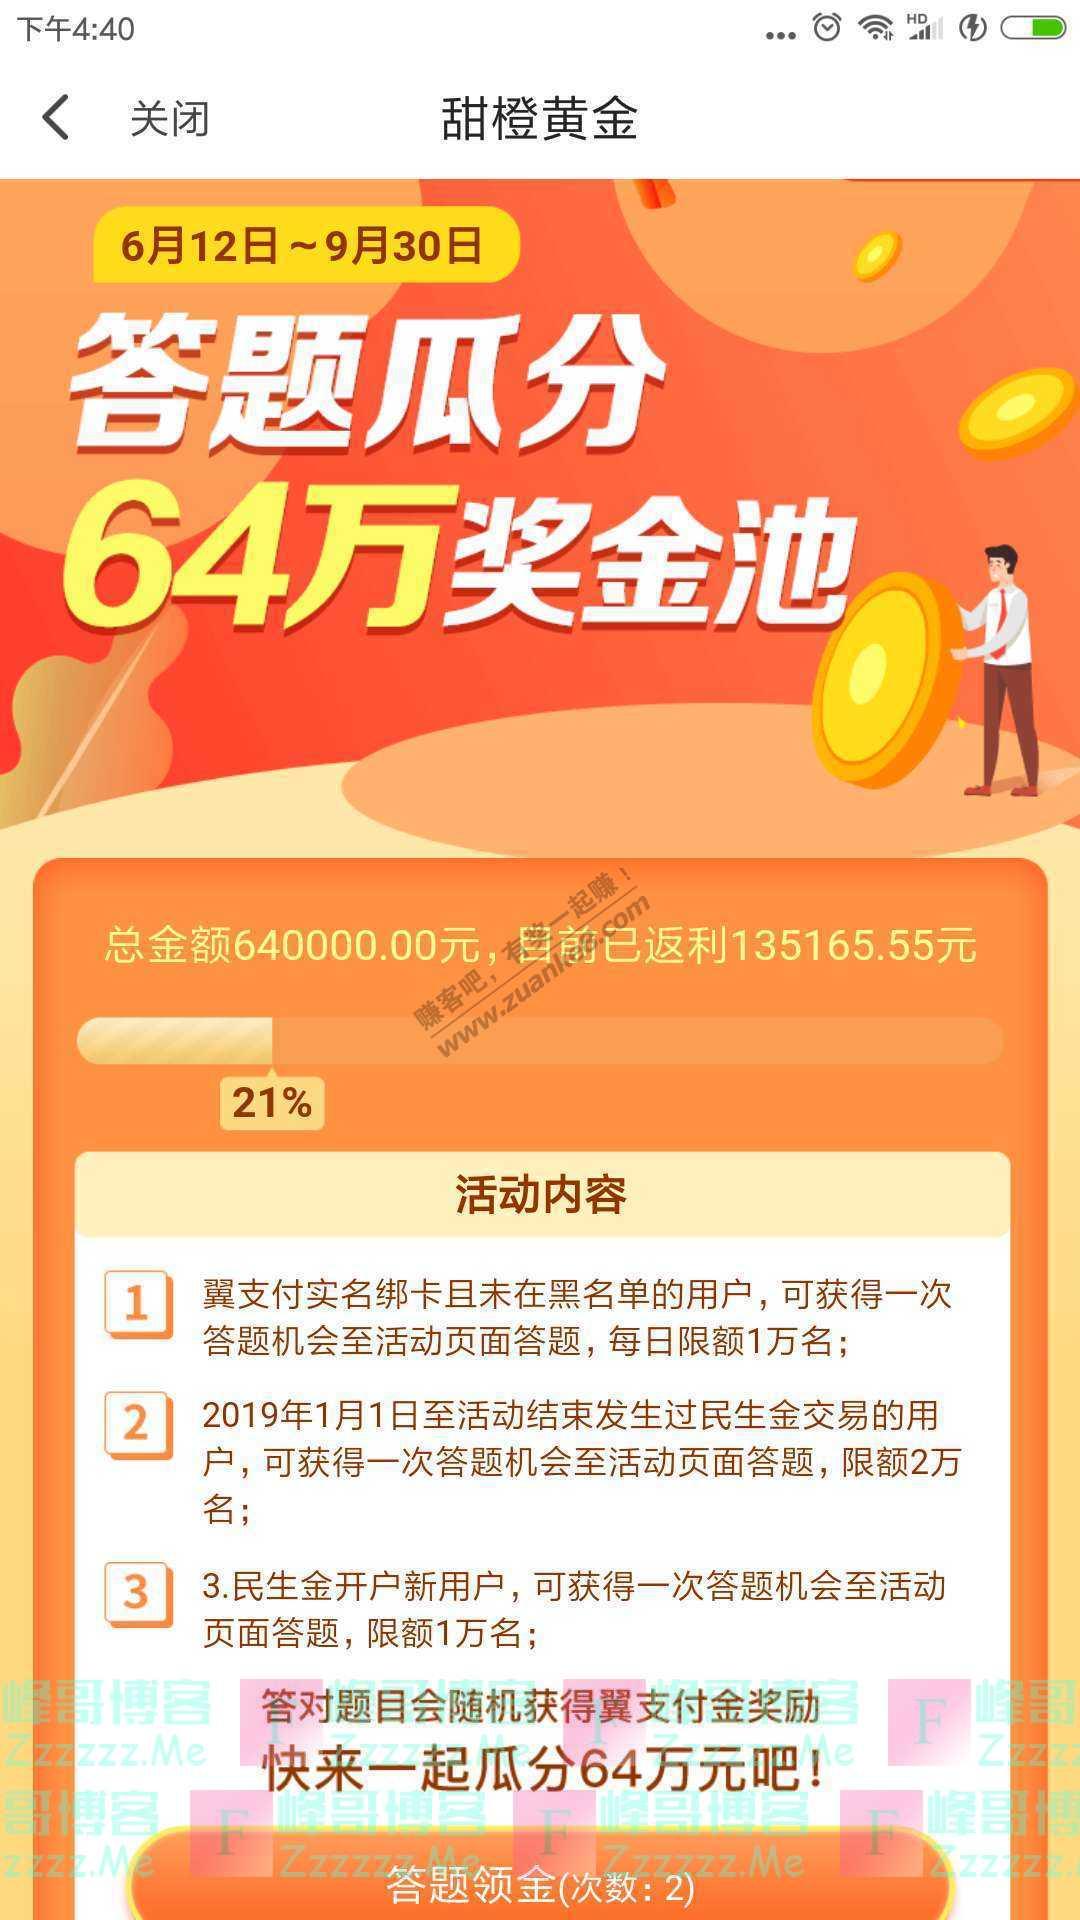 翼支付答题瓜分64万奖金池(截止9月30日)